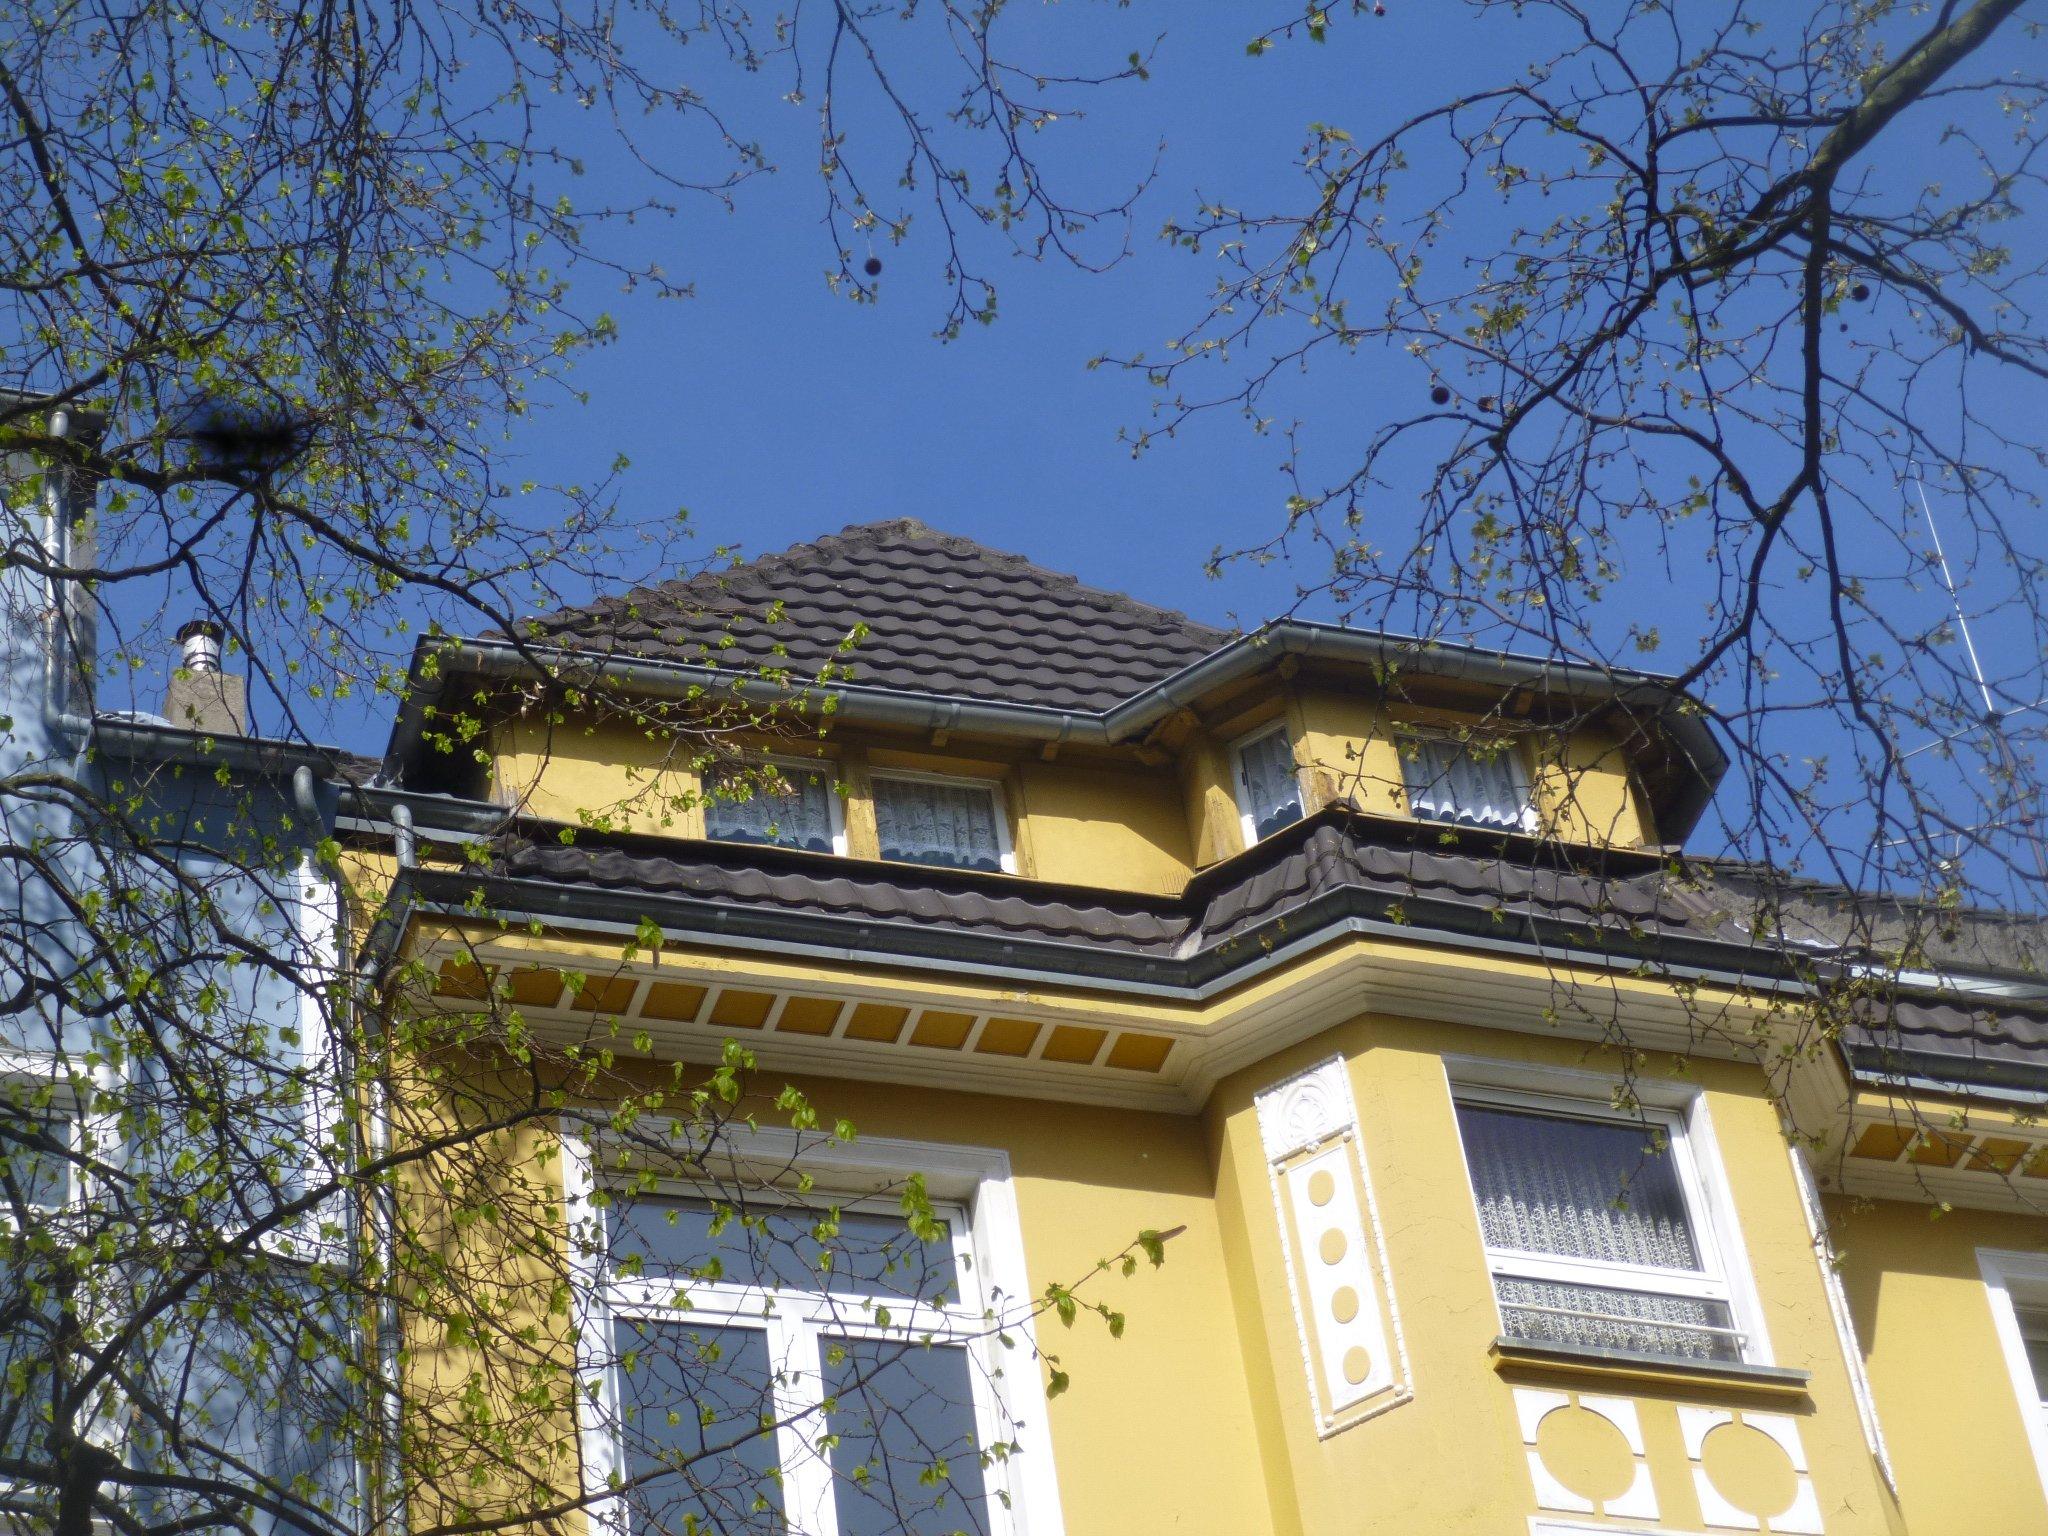 Dachgeschoss - Linden-146